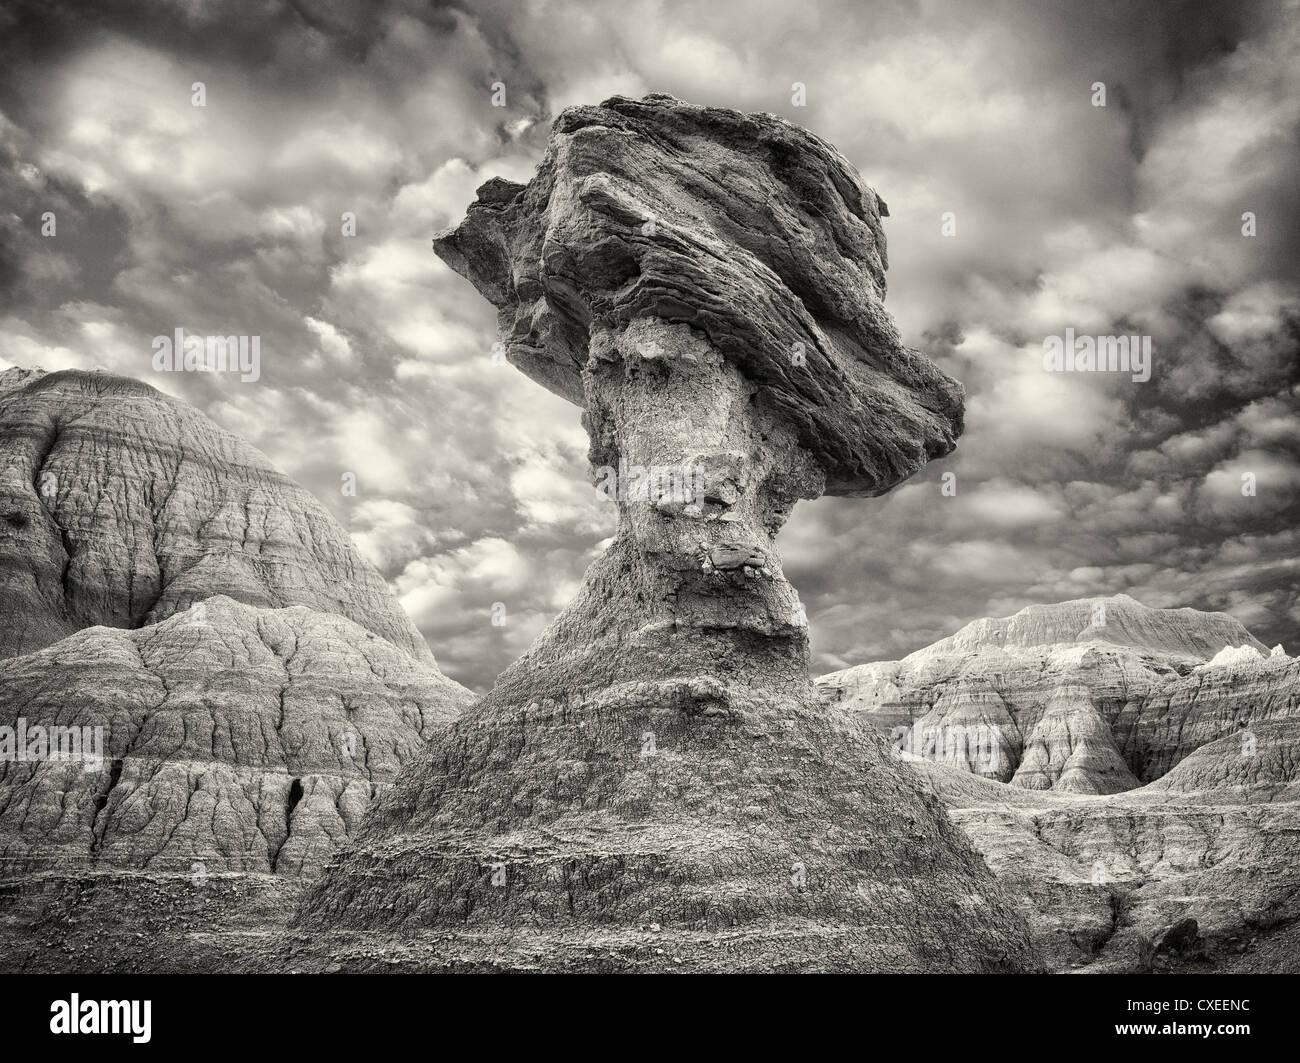 Equilibrar el rock. El Parque Nacional Badlands. Dakota del Sur Imagen De Stock